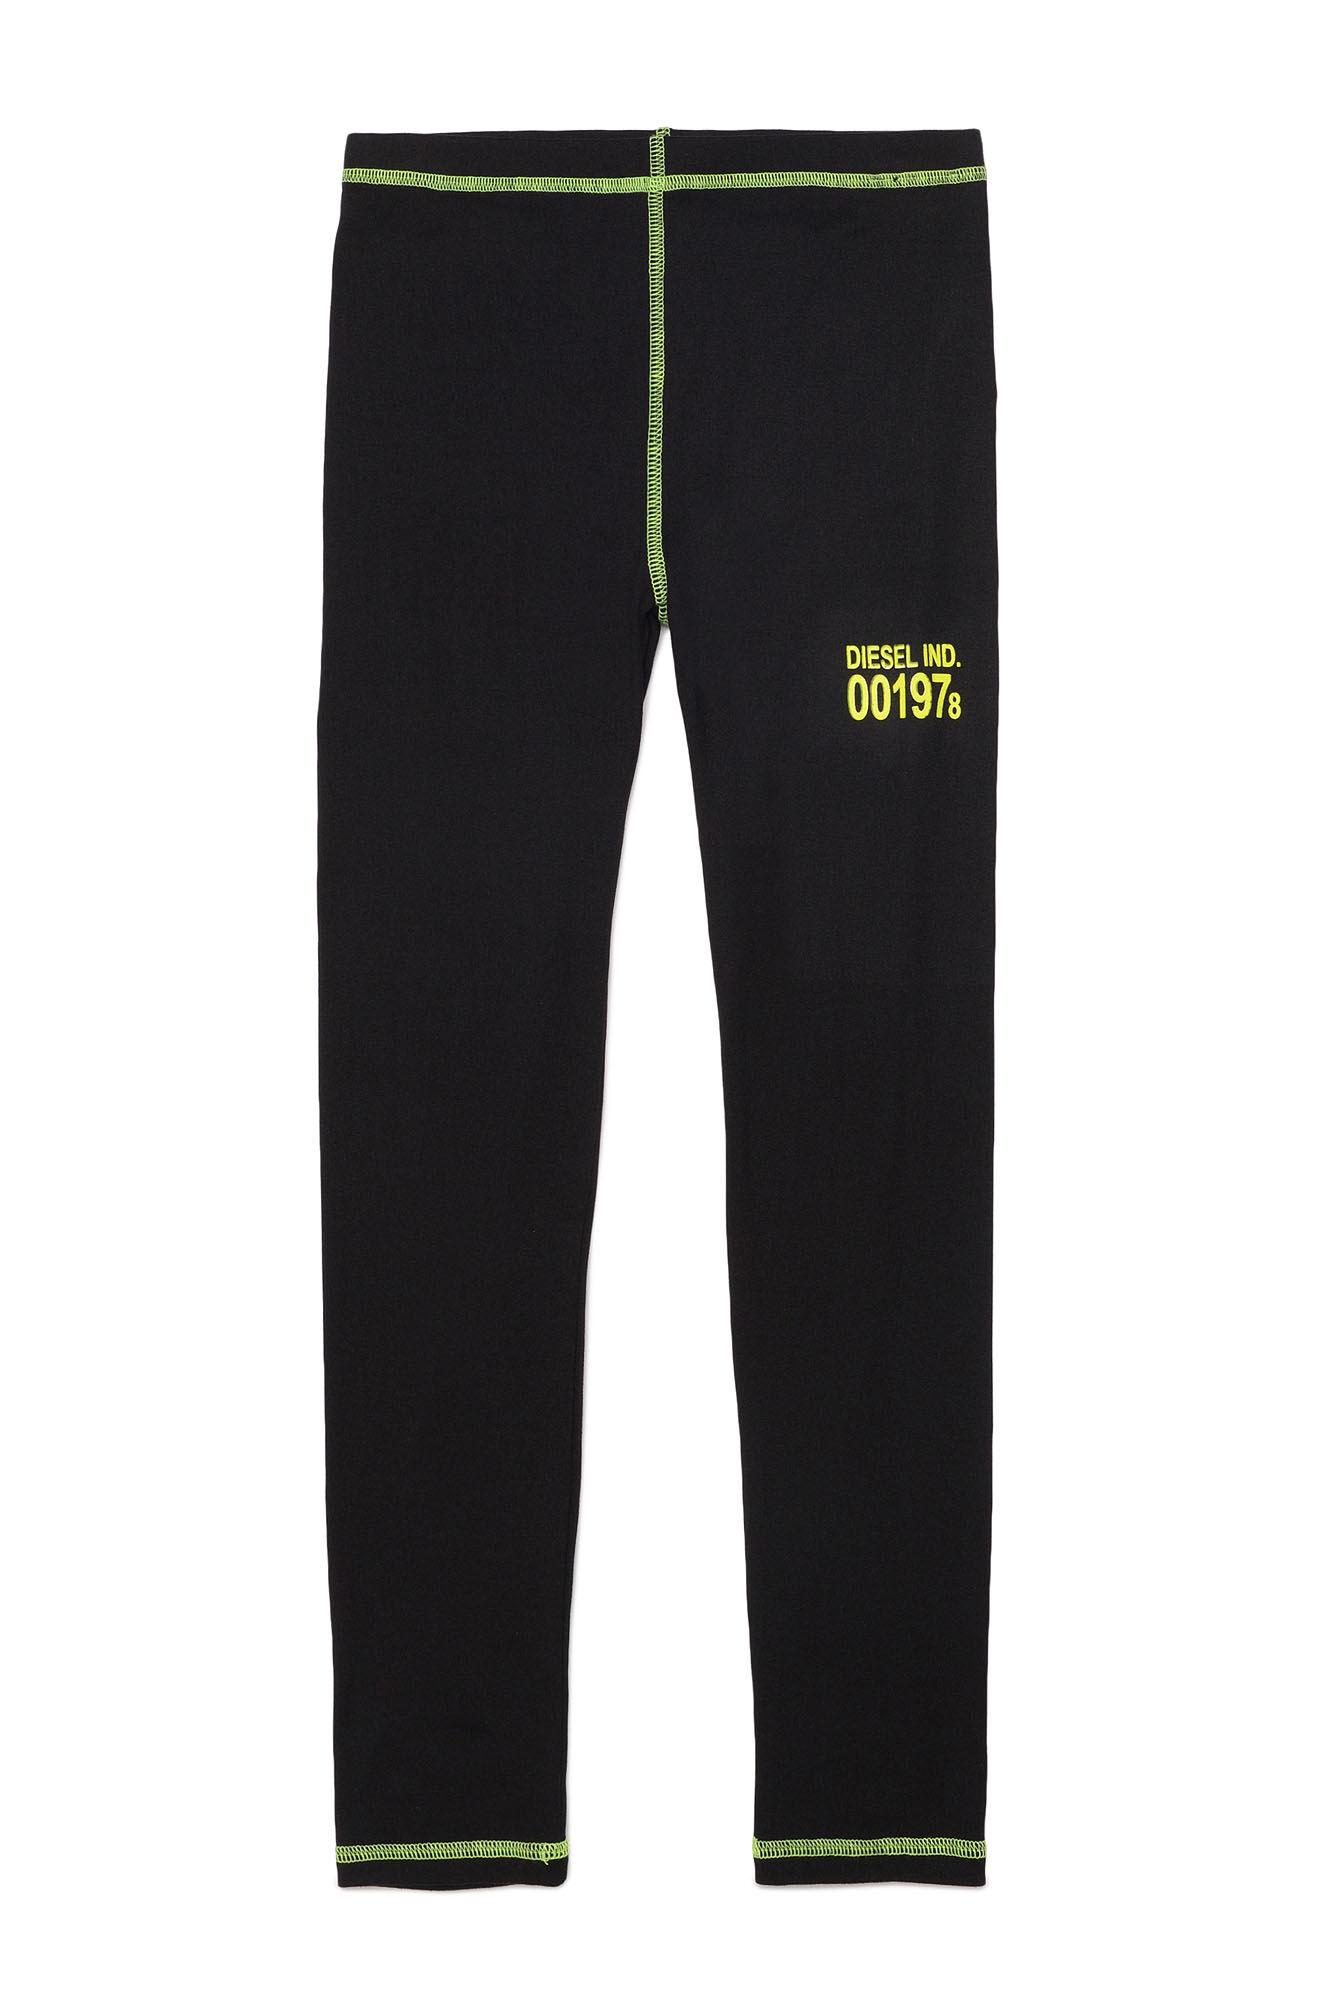 Paiting-Ski Pants - Diesel Kid